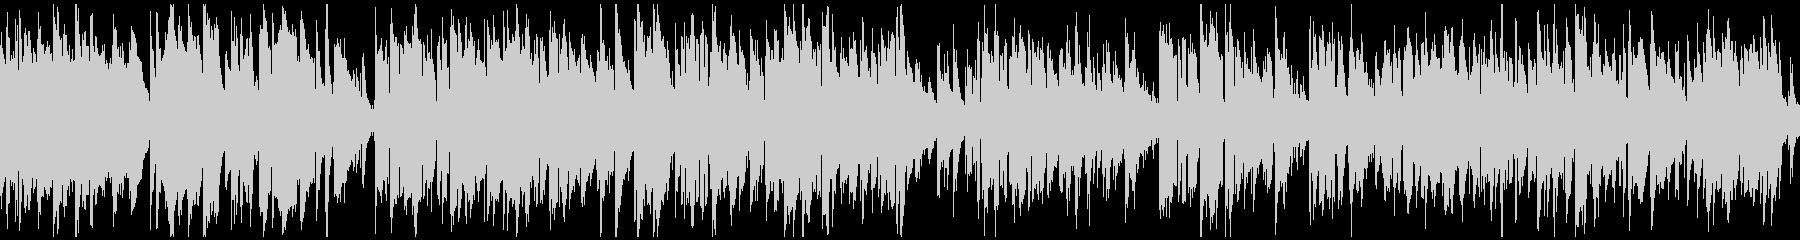 シリアスなジャズ、サックス ※ループ版の未再生の波形